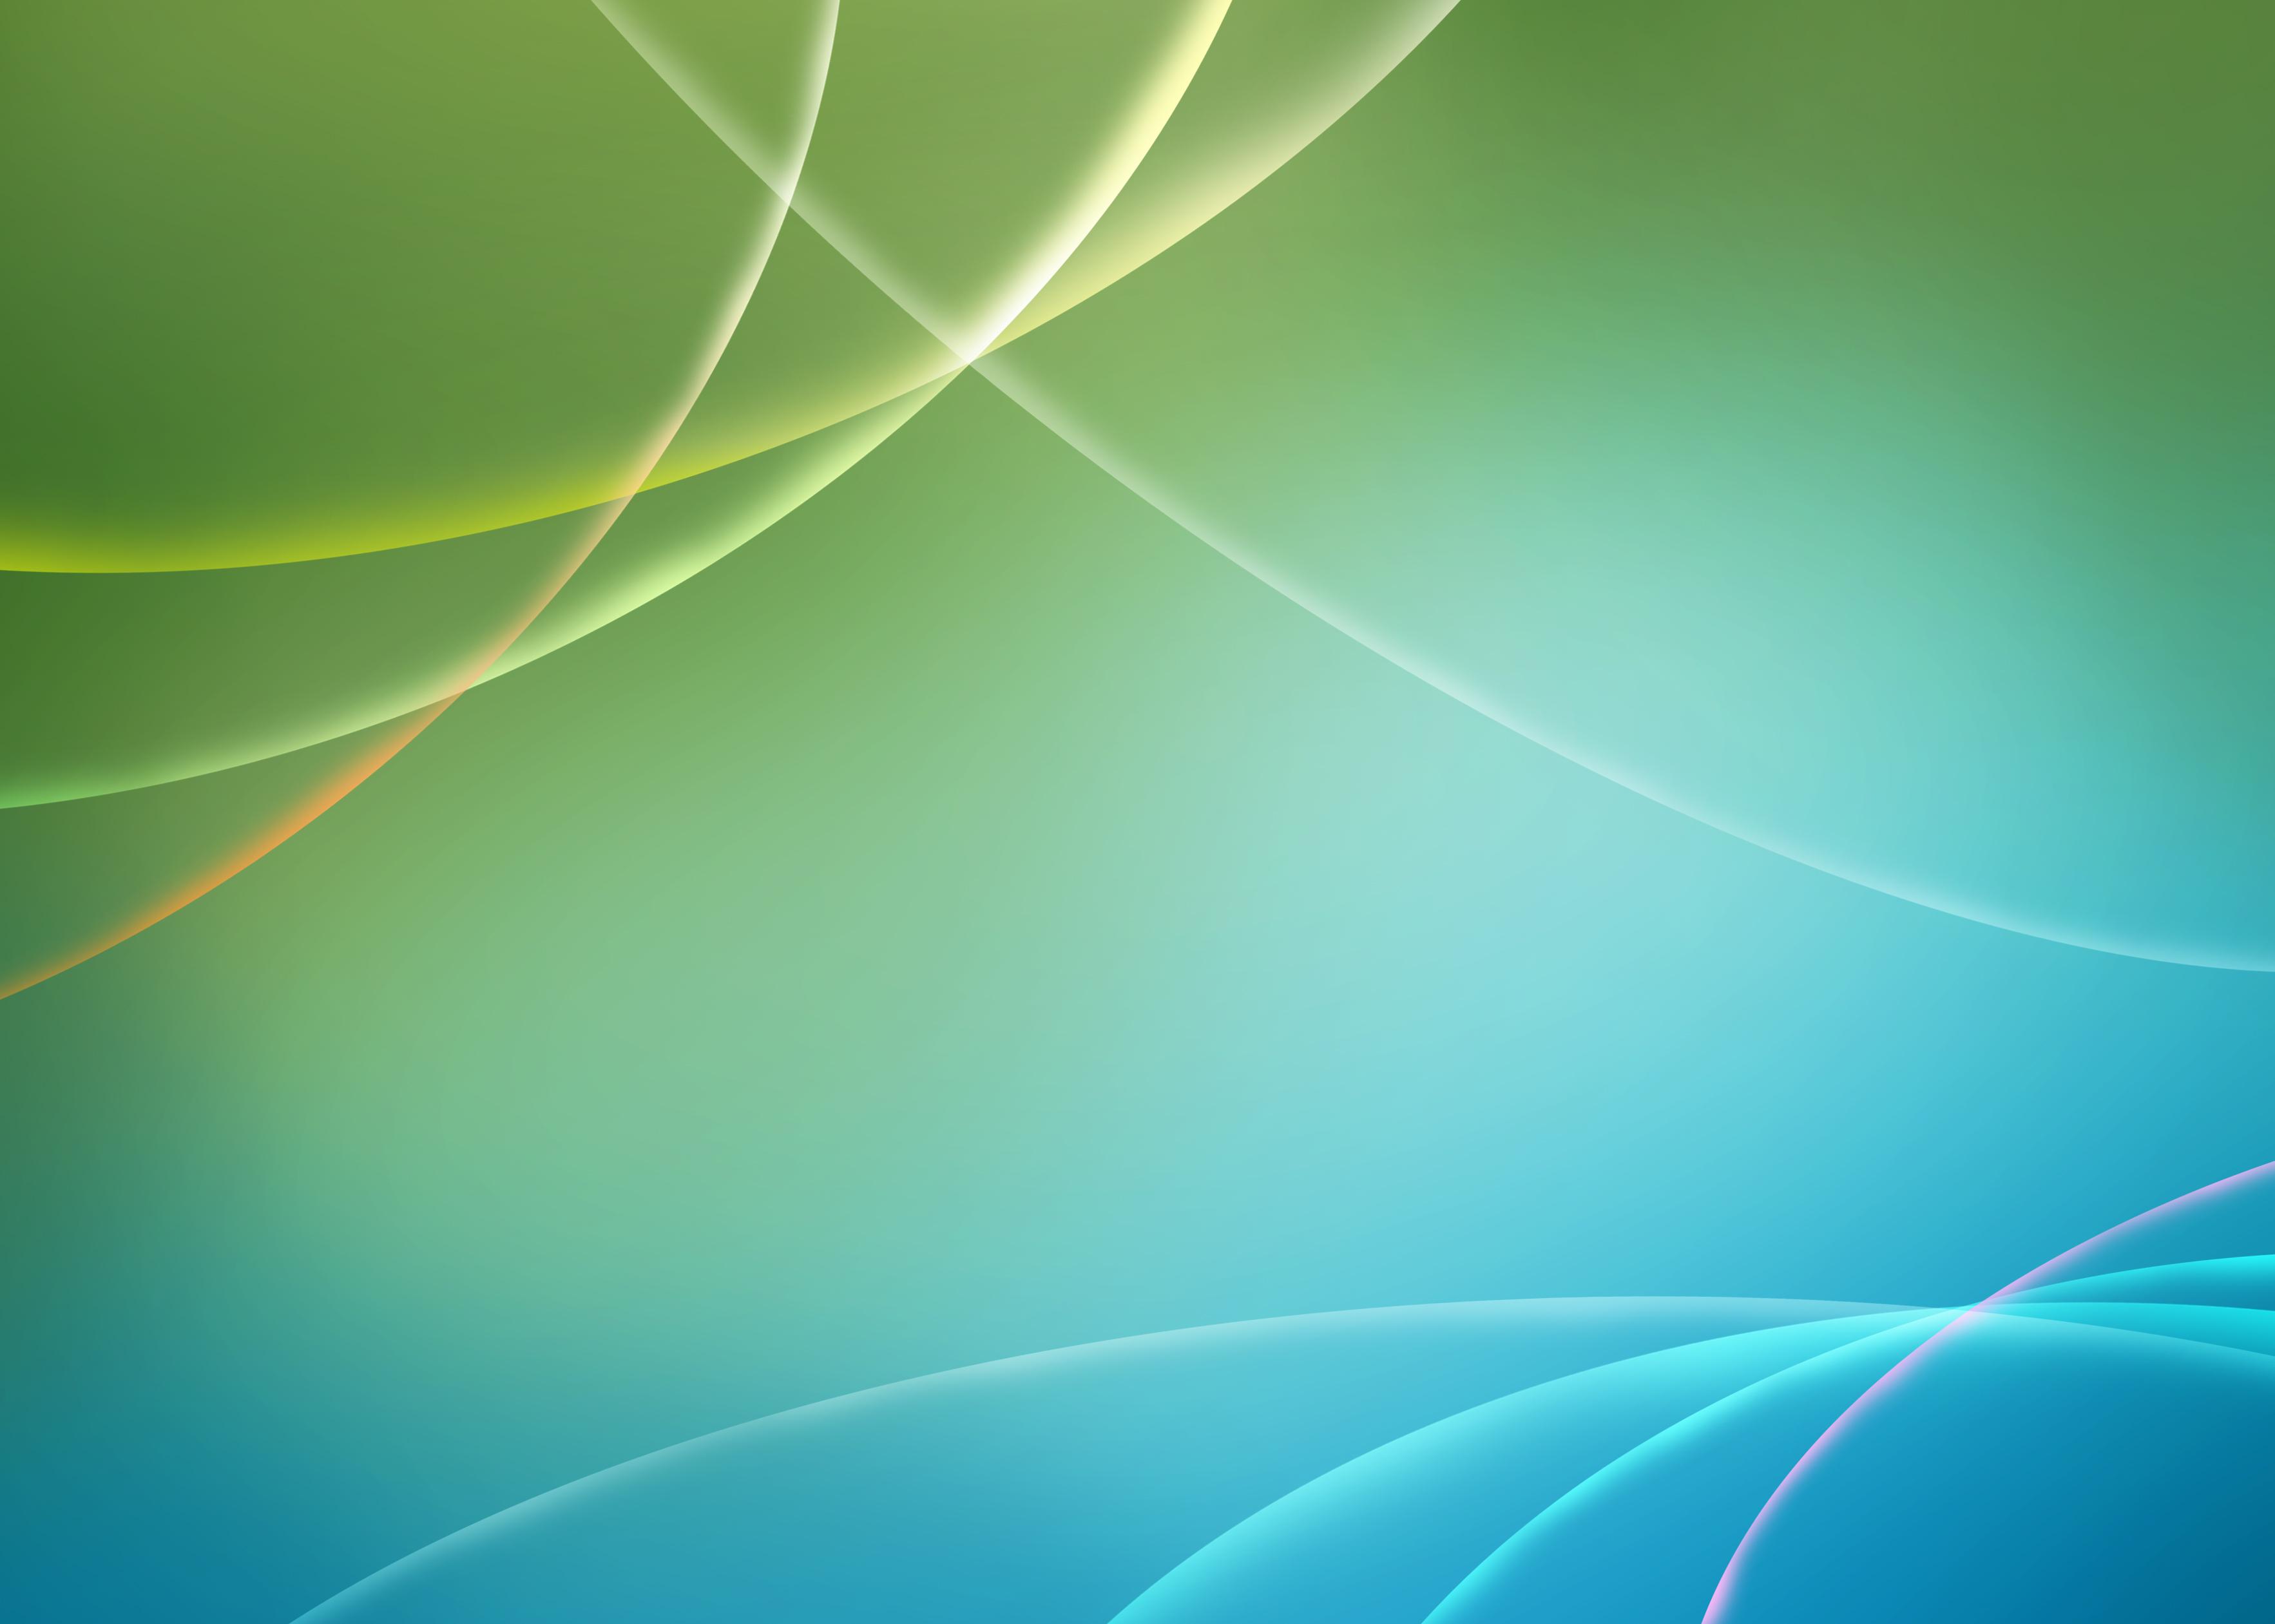 Light streaks wallpaper, 3d, Virtual, Streaks, Streak, HQ Photo